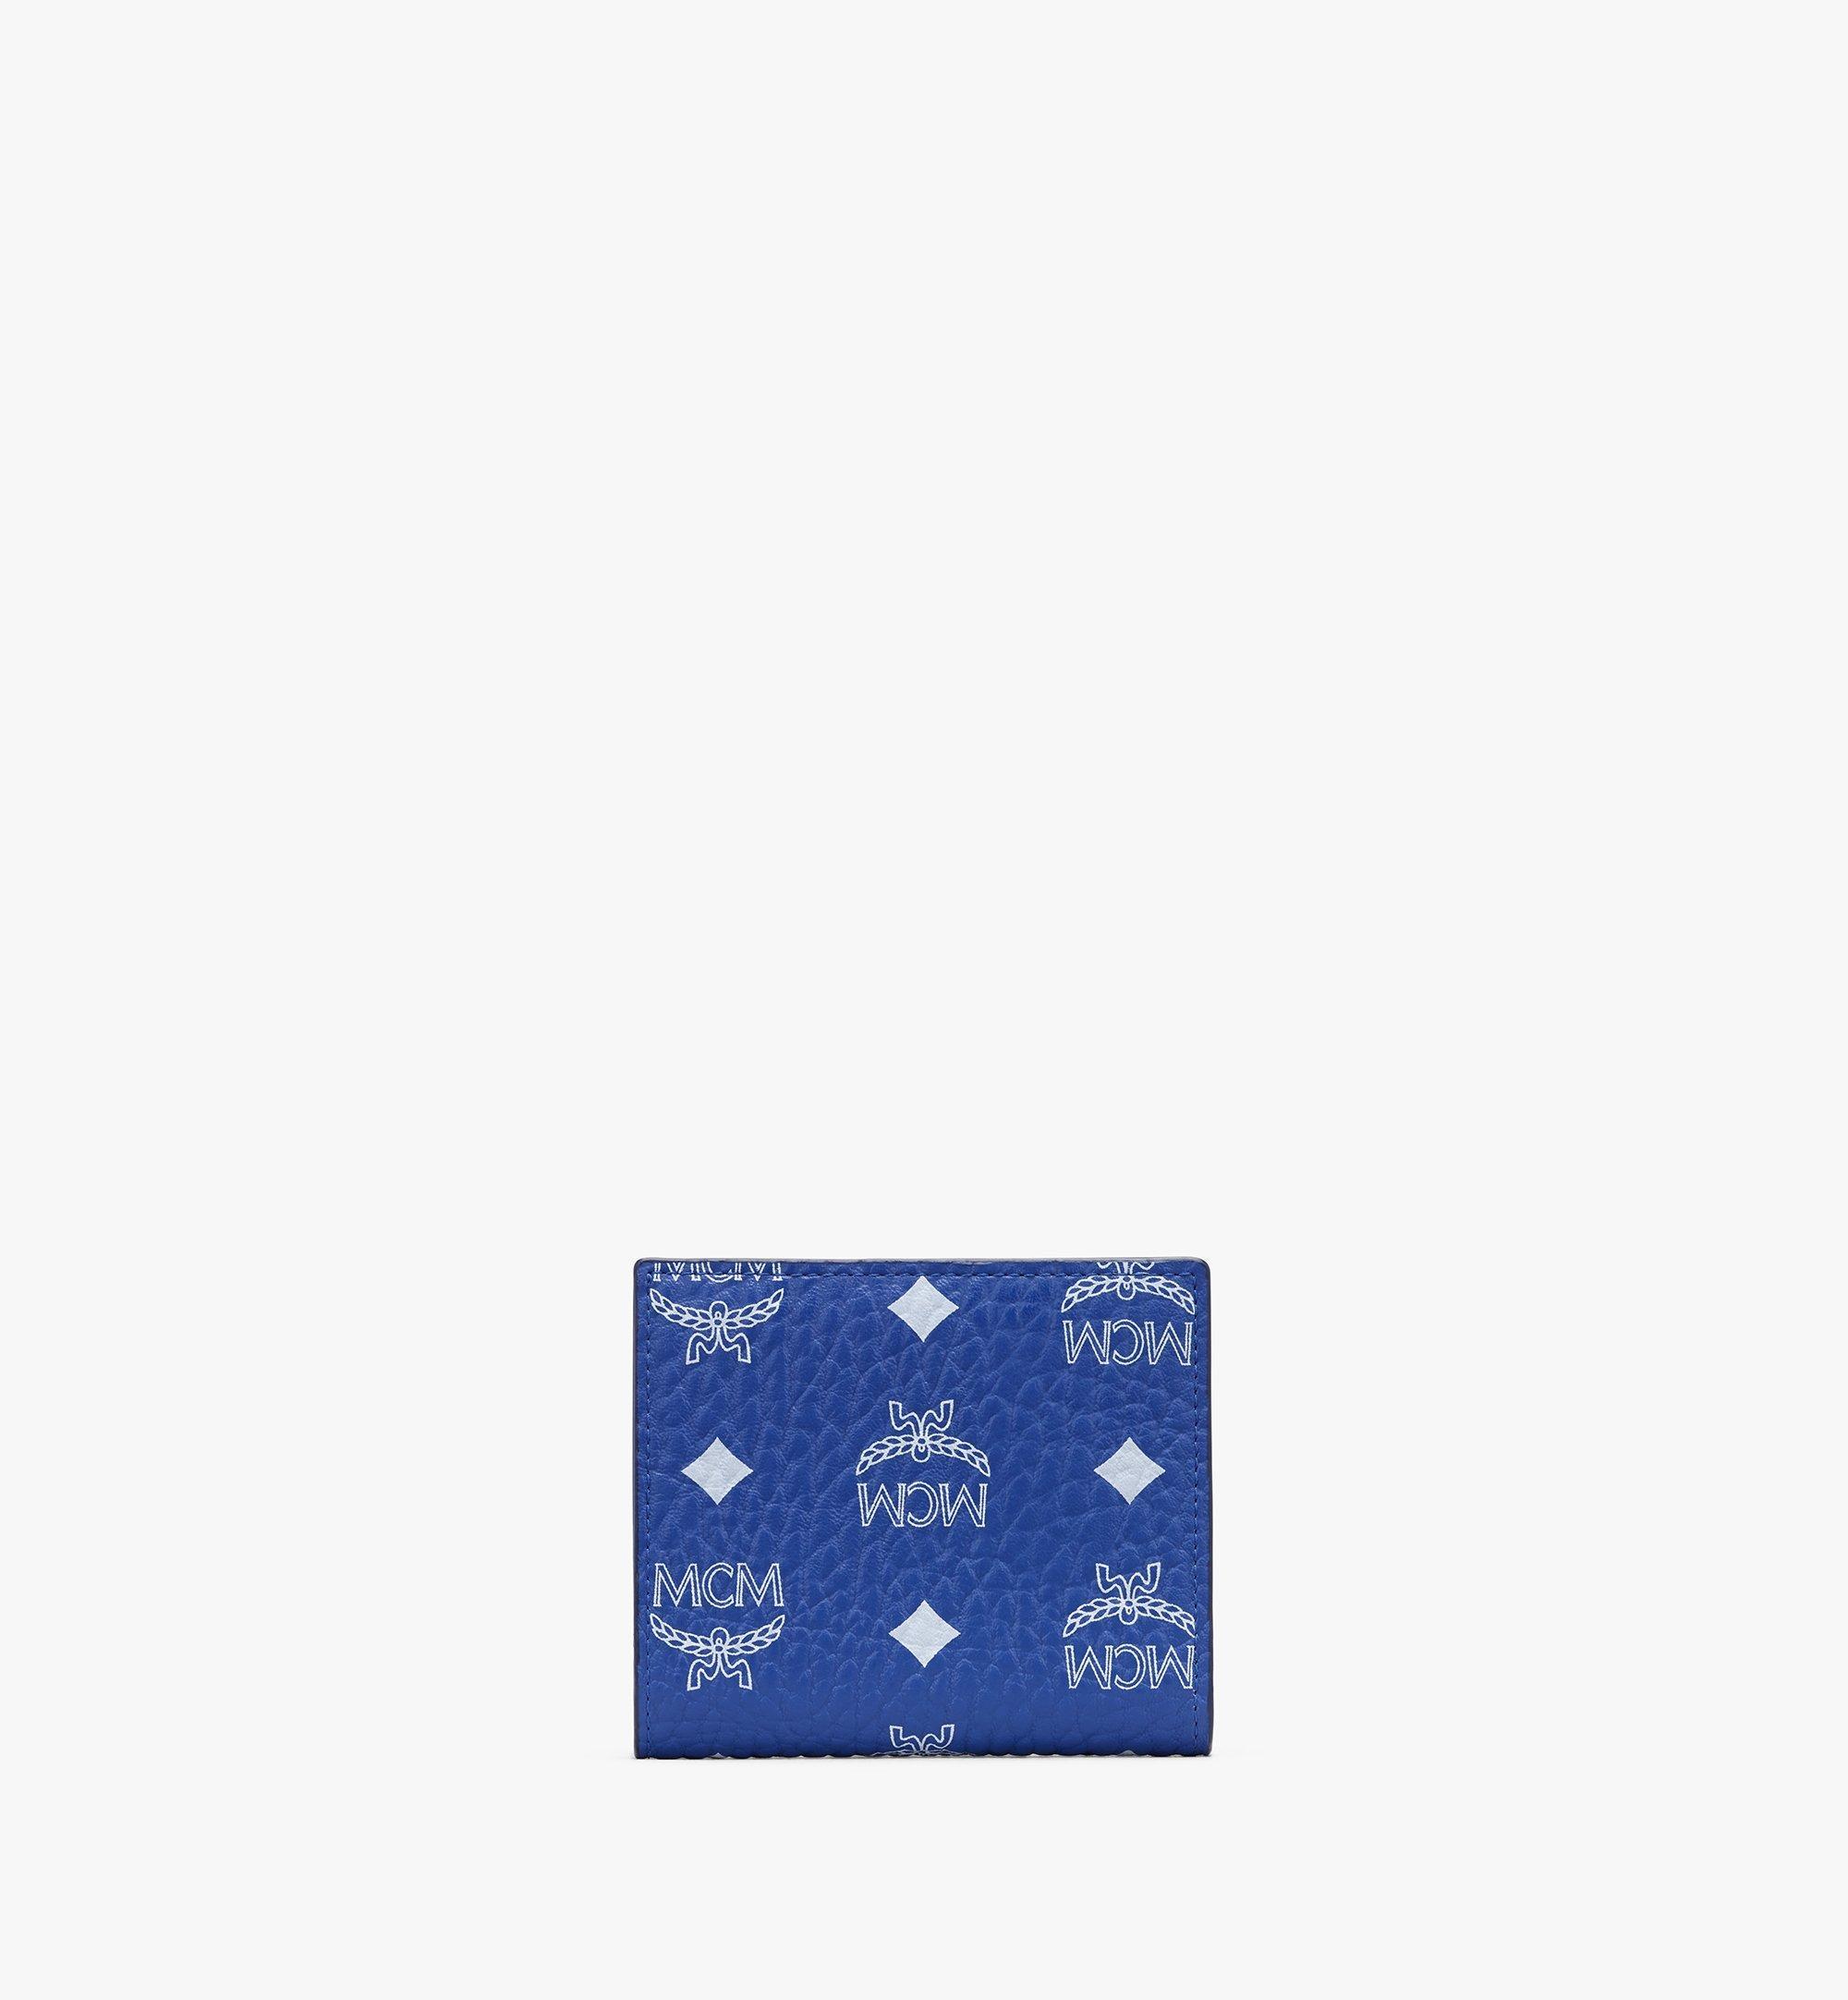 MCM Visetos 皮革 Claus 雙折錢包 Blue MYSASVI01H1001 更多視圖 1